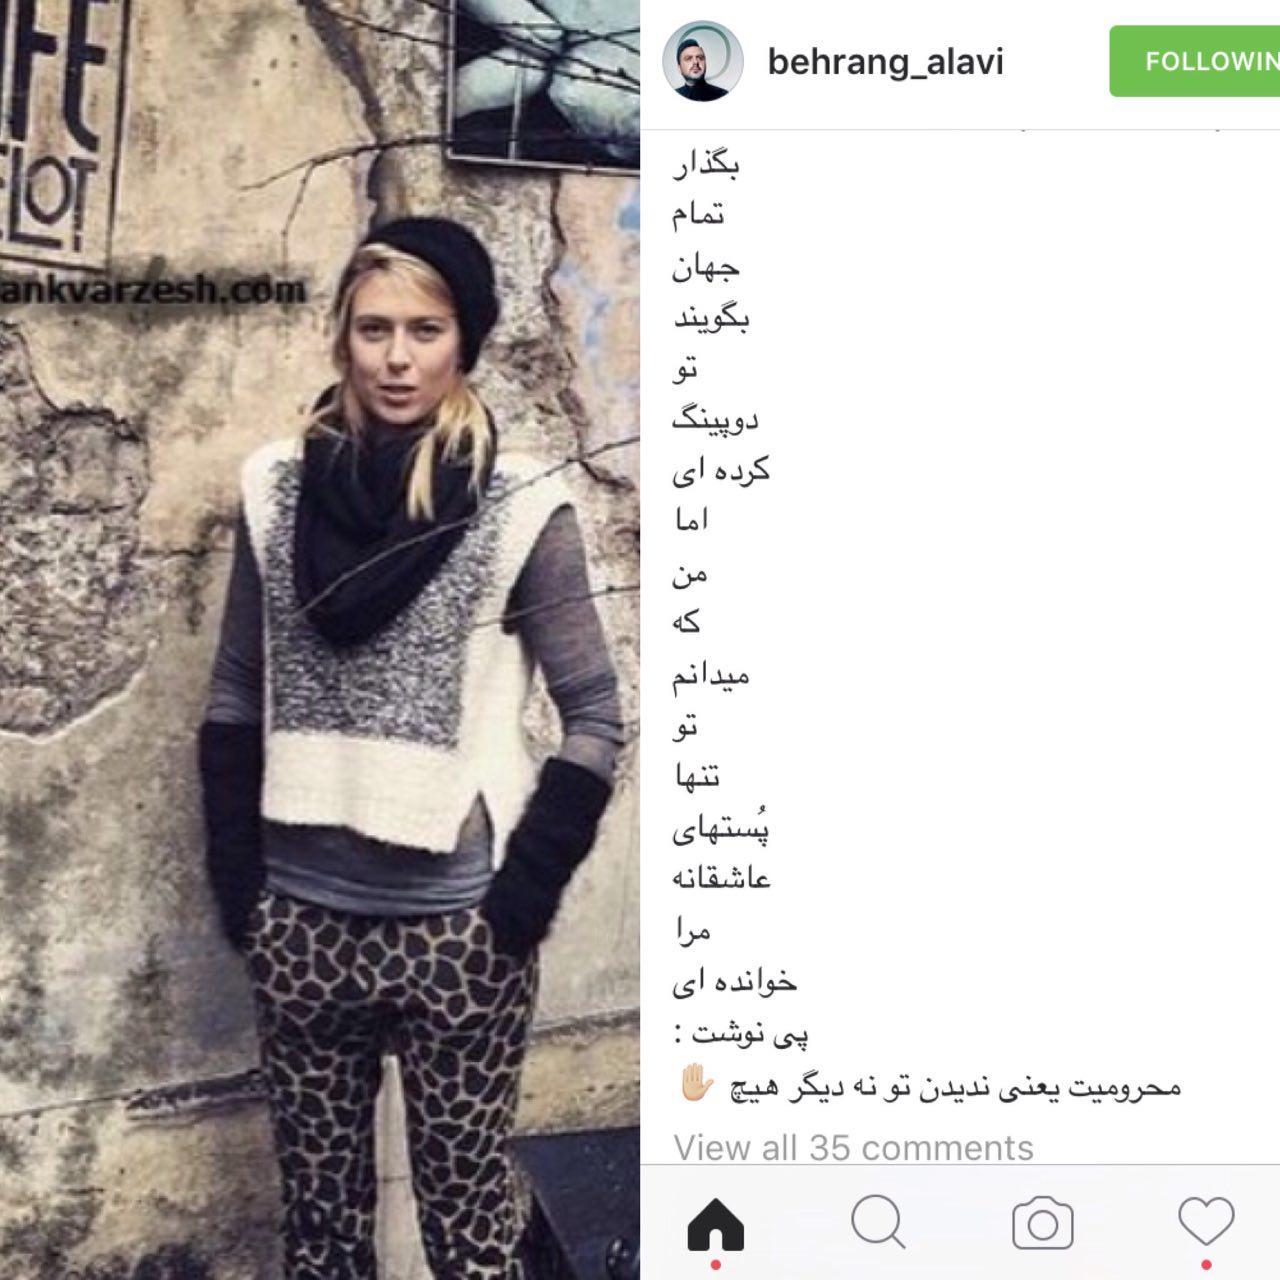 پست عجیب و عاشقانه بازیگر ایرانی برای شاراپوا!